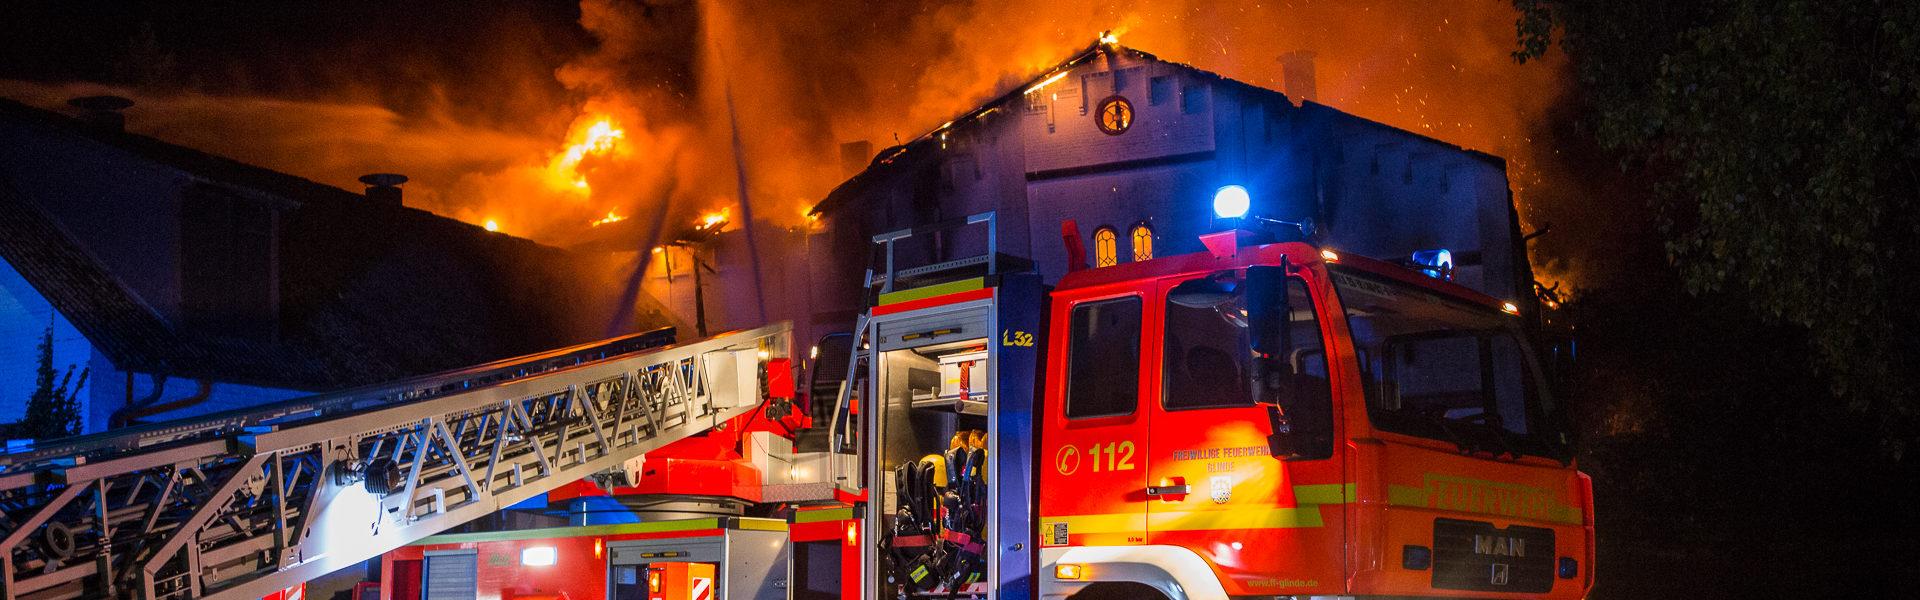 21.05.2020 – Großfeuer auf Grönwohldhof